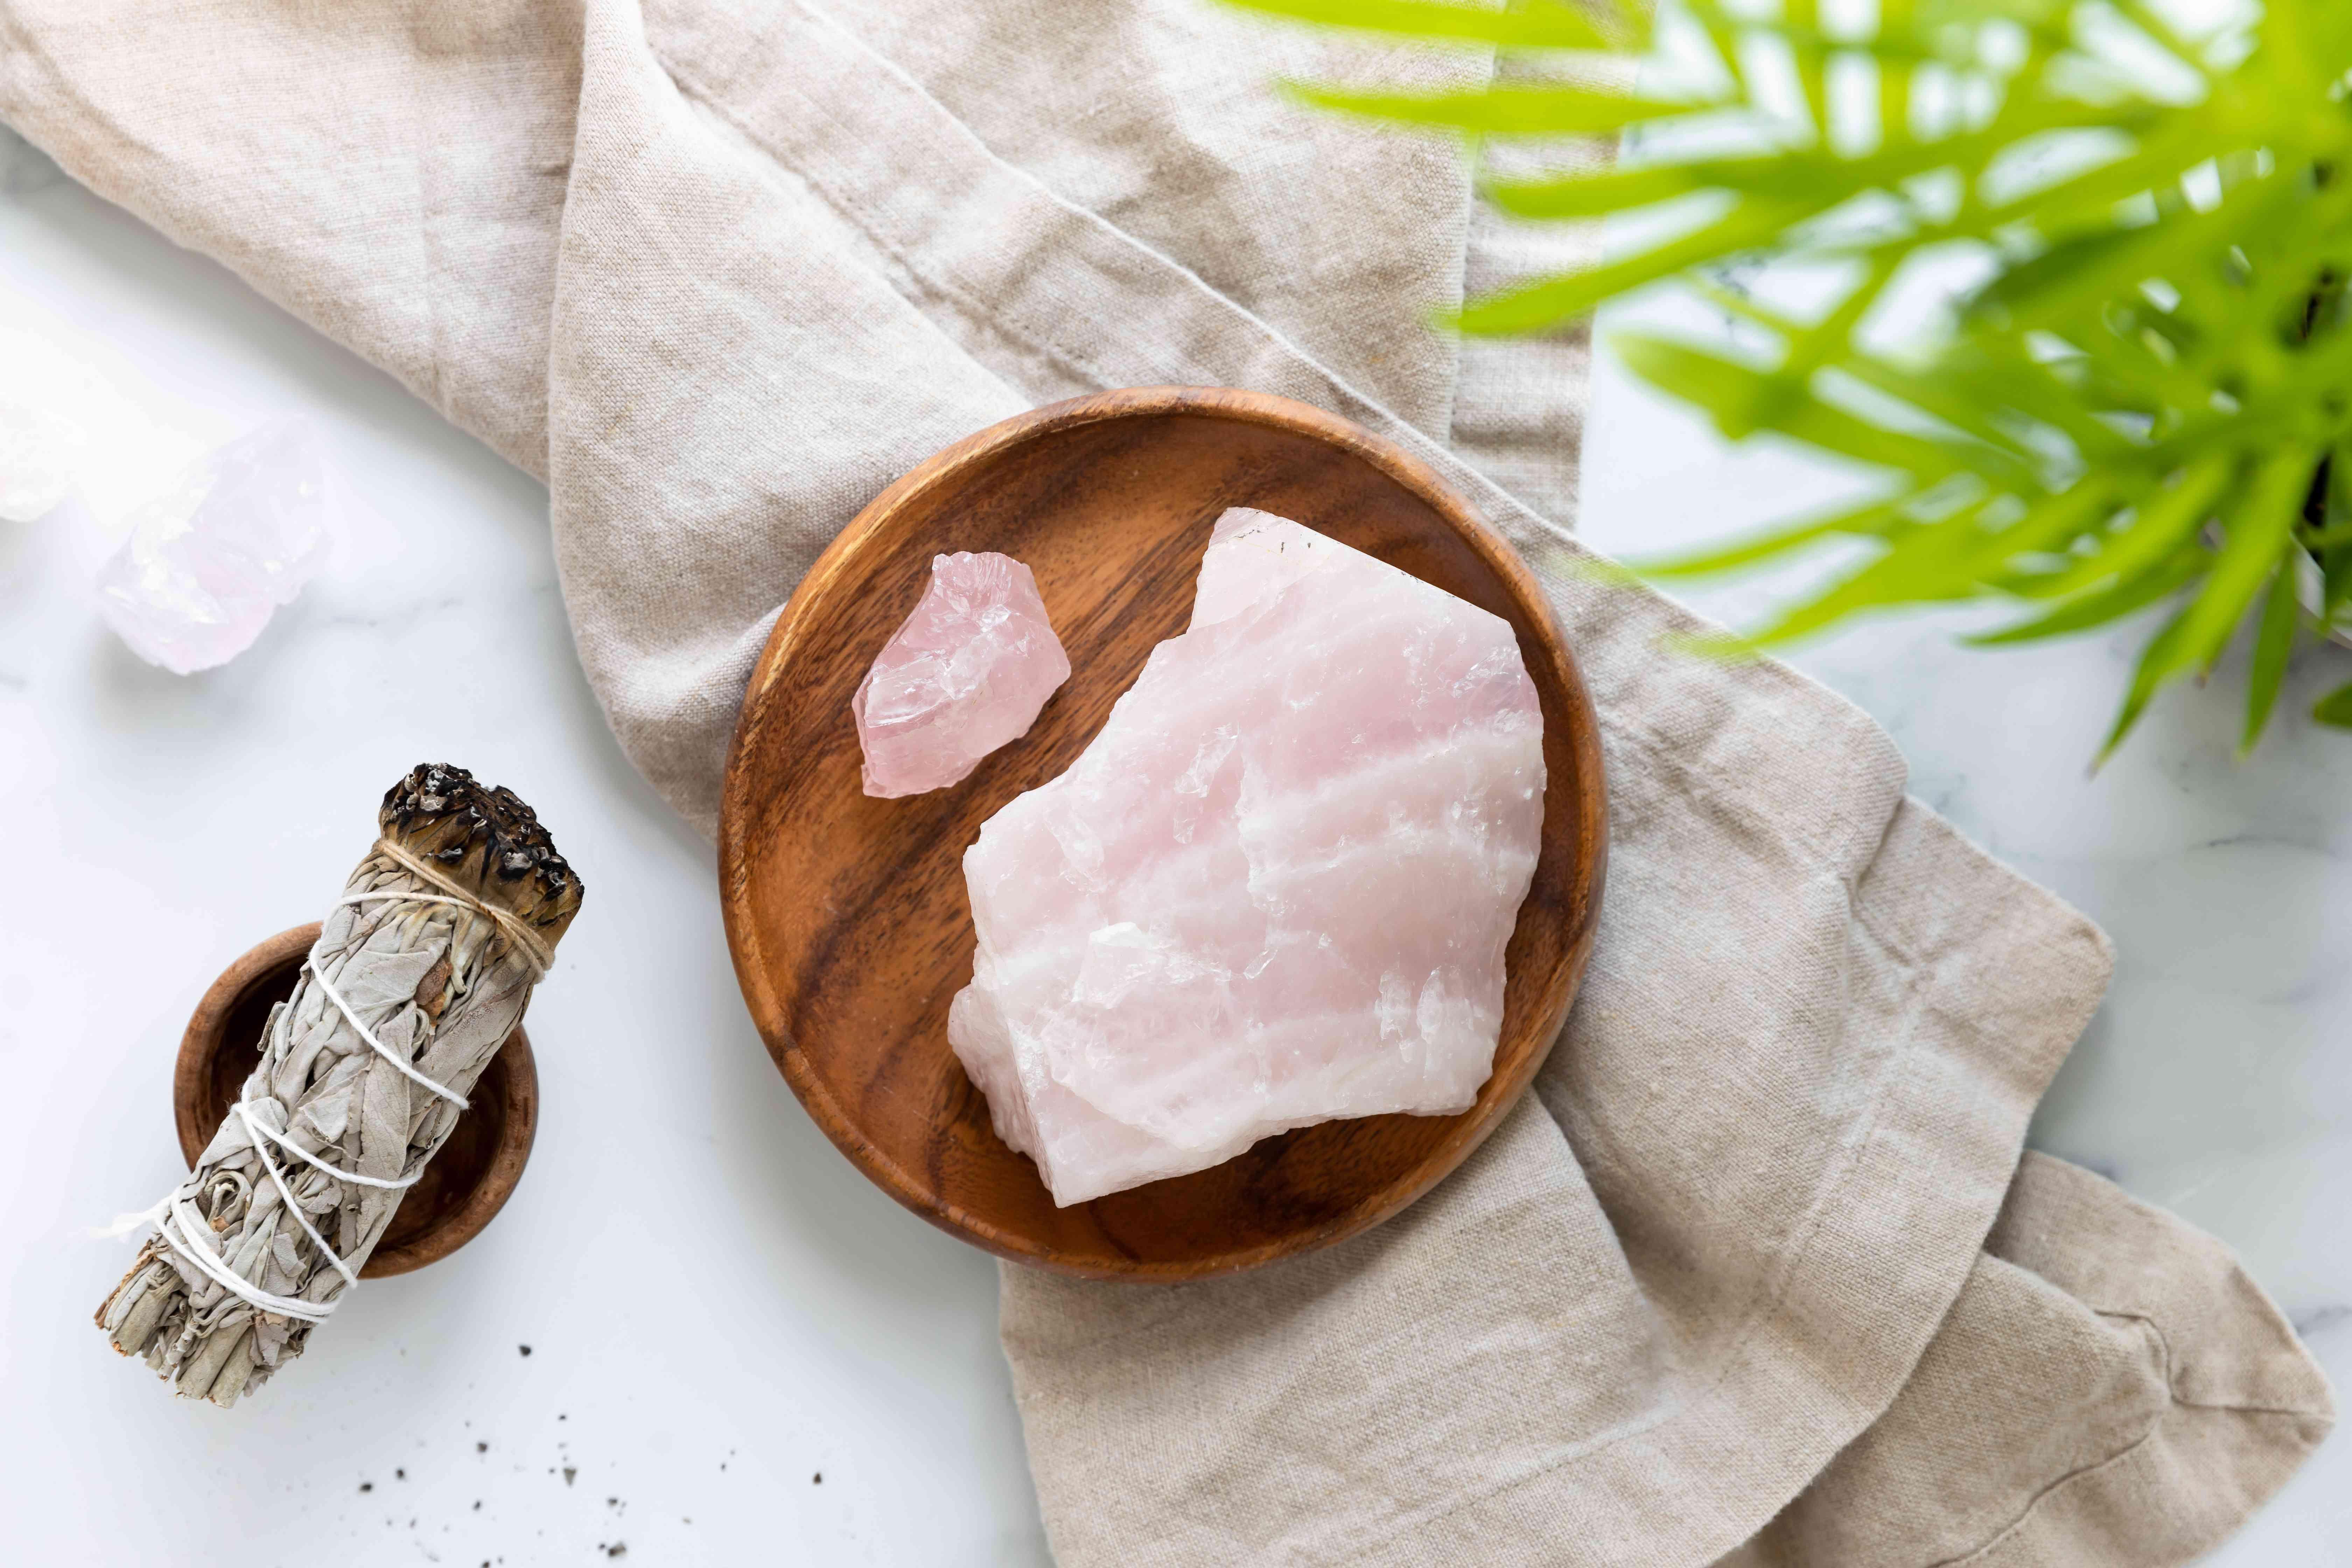 rose quartz crystals to promote love